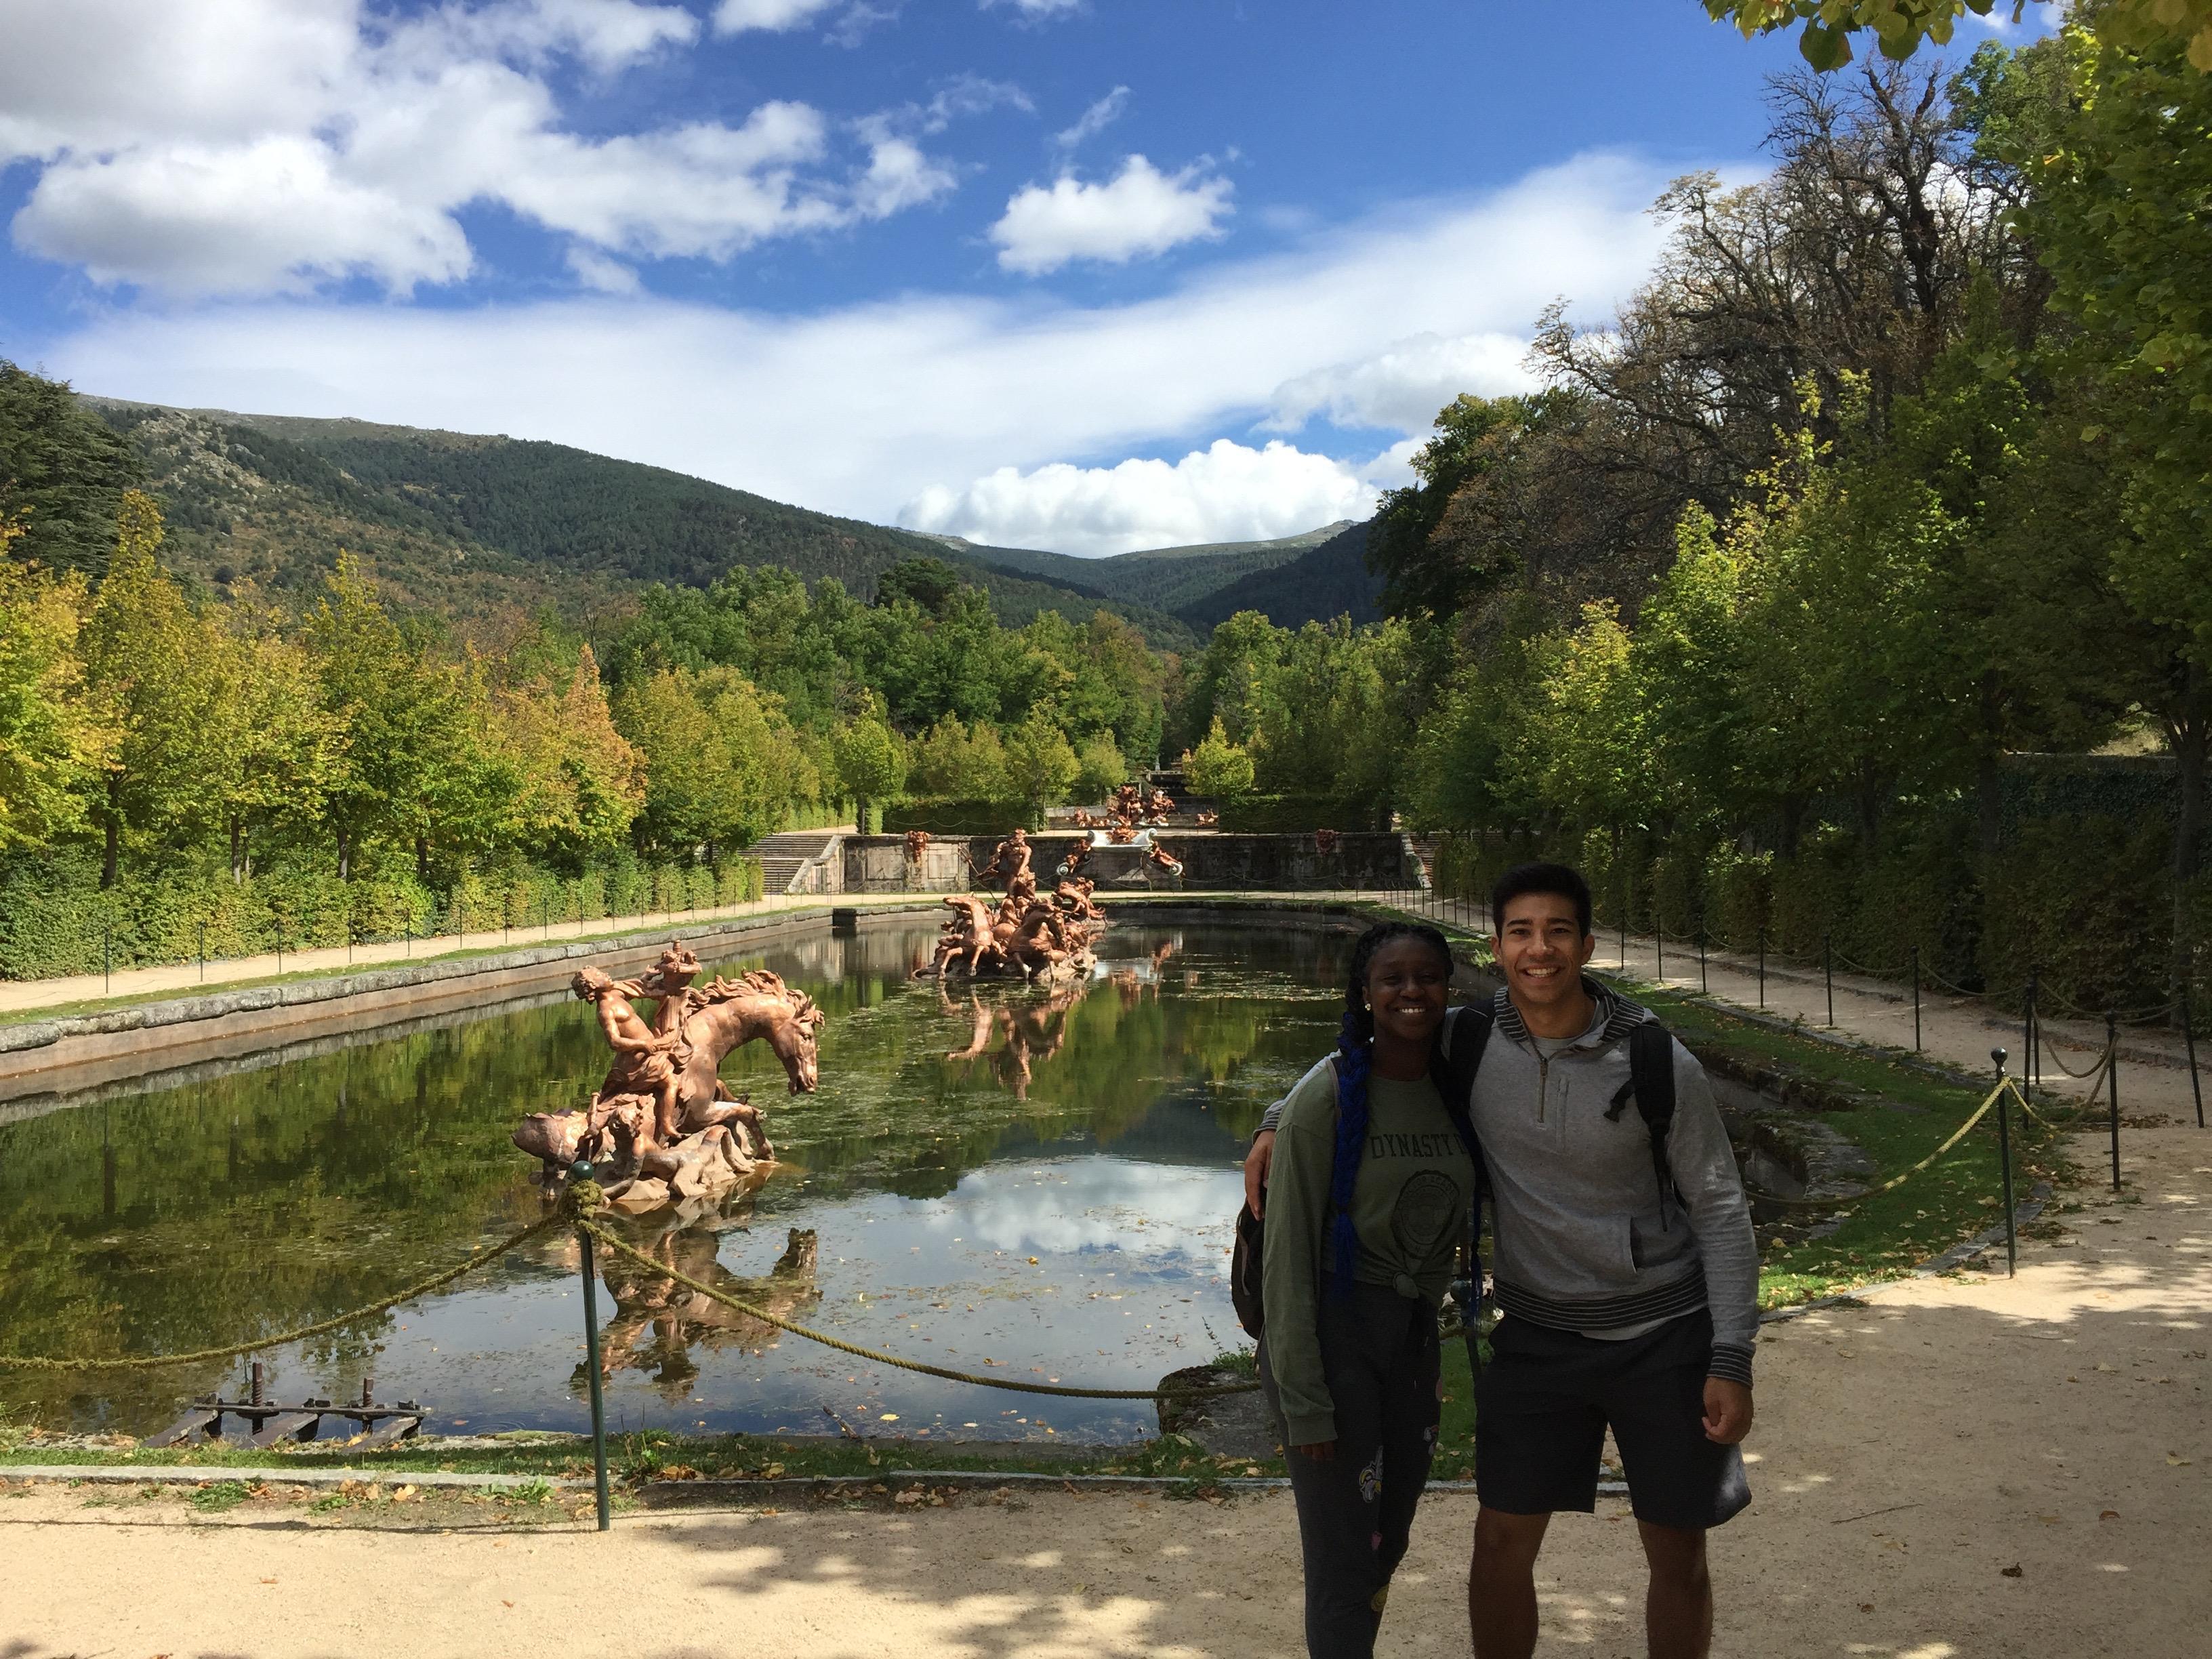 Proctor en Segovia Proctor Academy Study Abroad Program